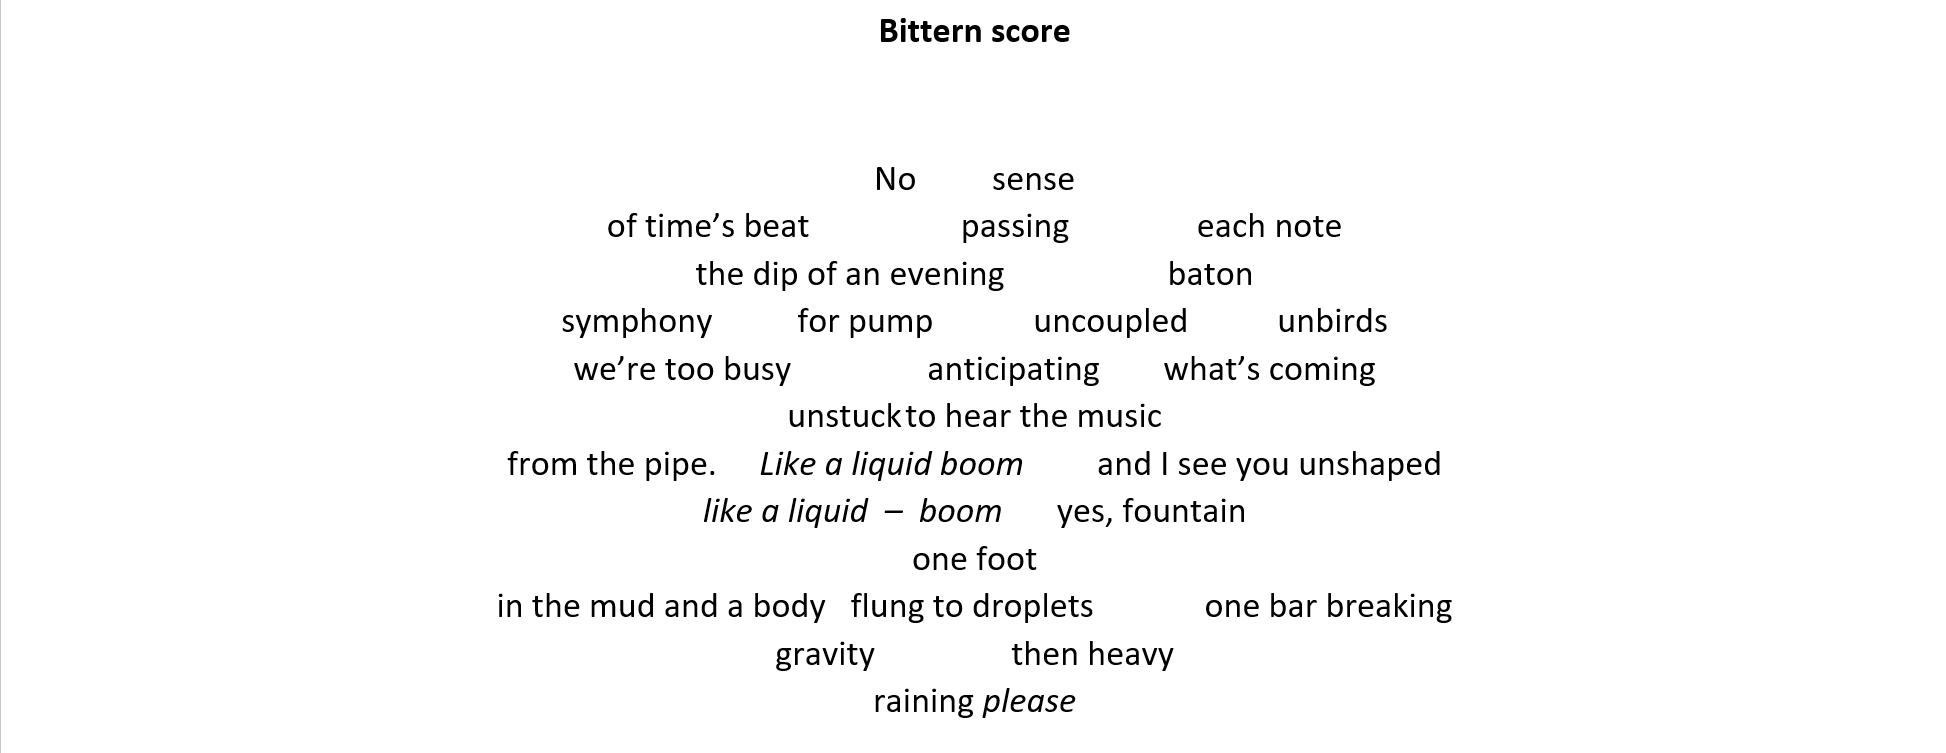 Bittern score by Ankh Spice